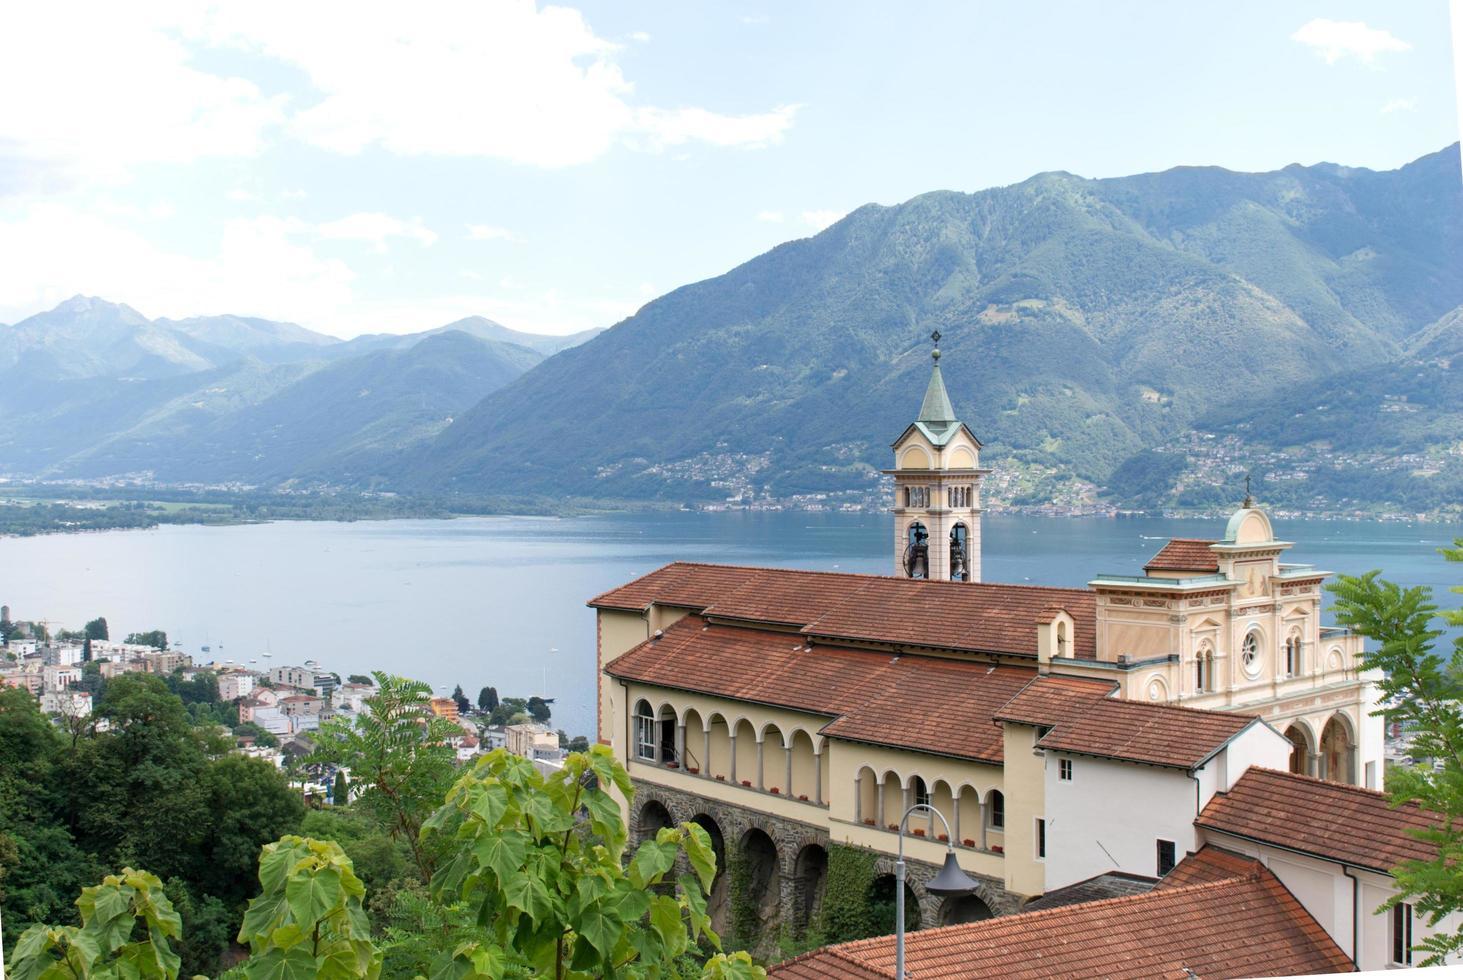 kathedraal dichtbij de bergen foto